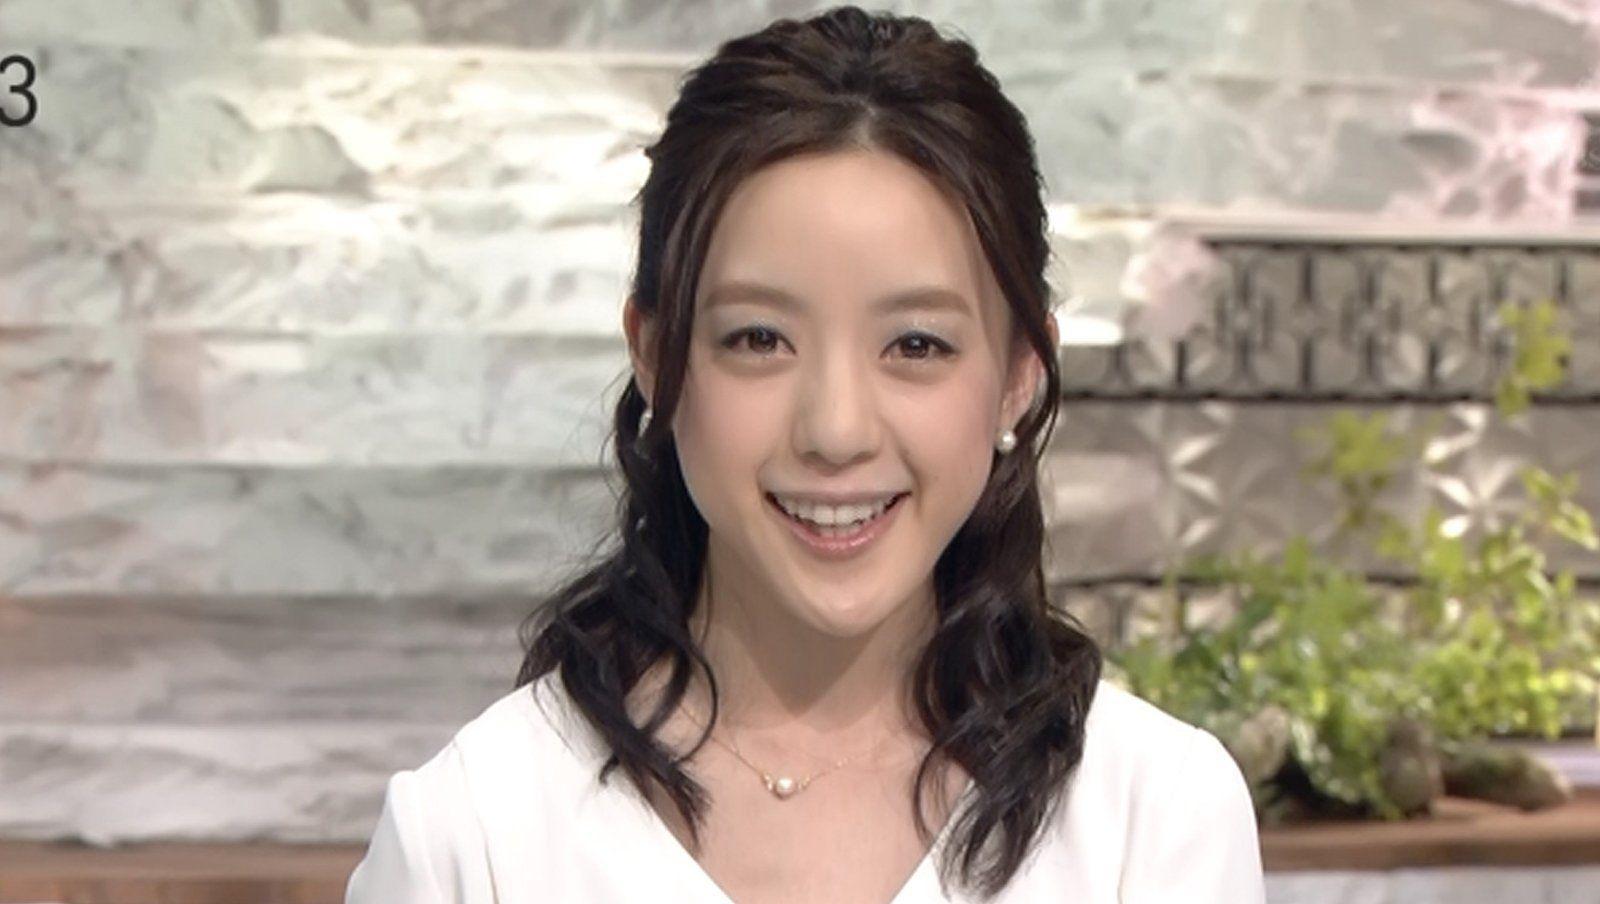 画像 : 【news23】古谷有美アナ かわいい 画像・情報まとめ - naver